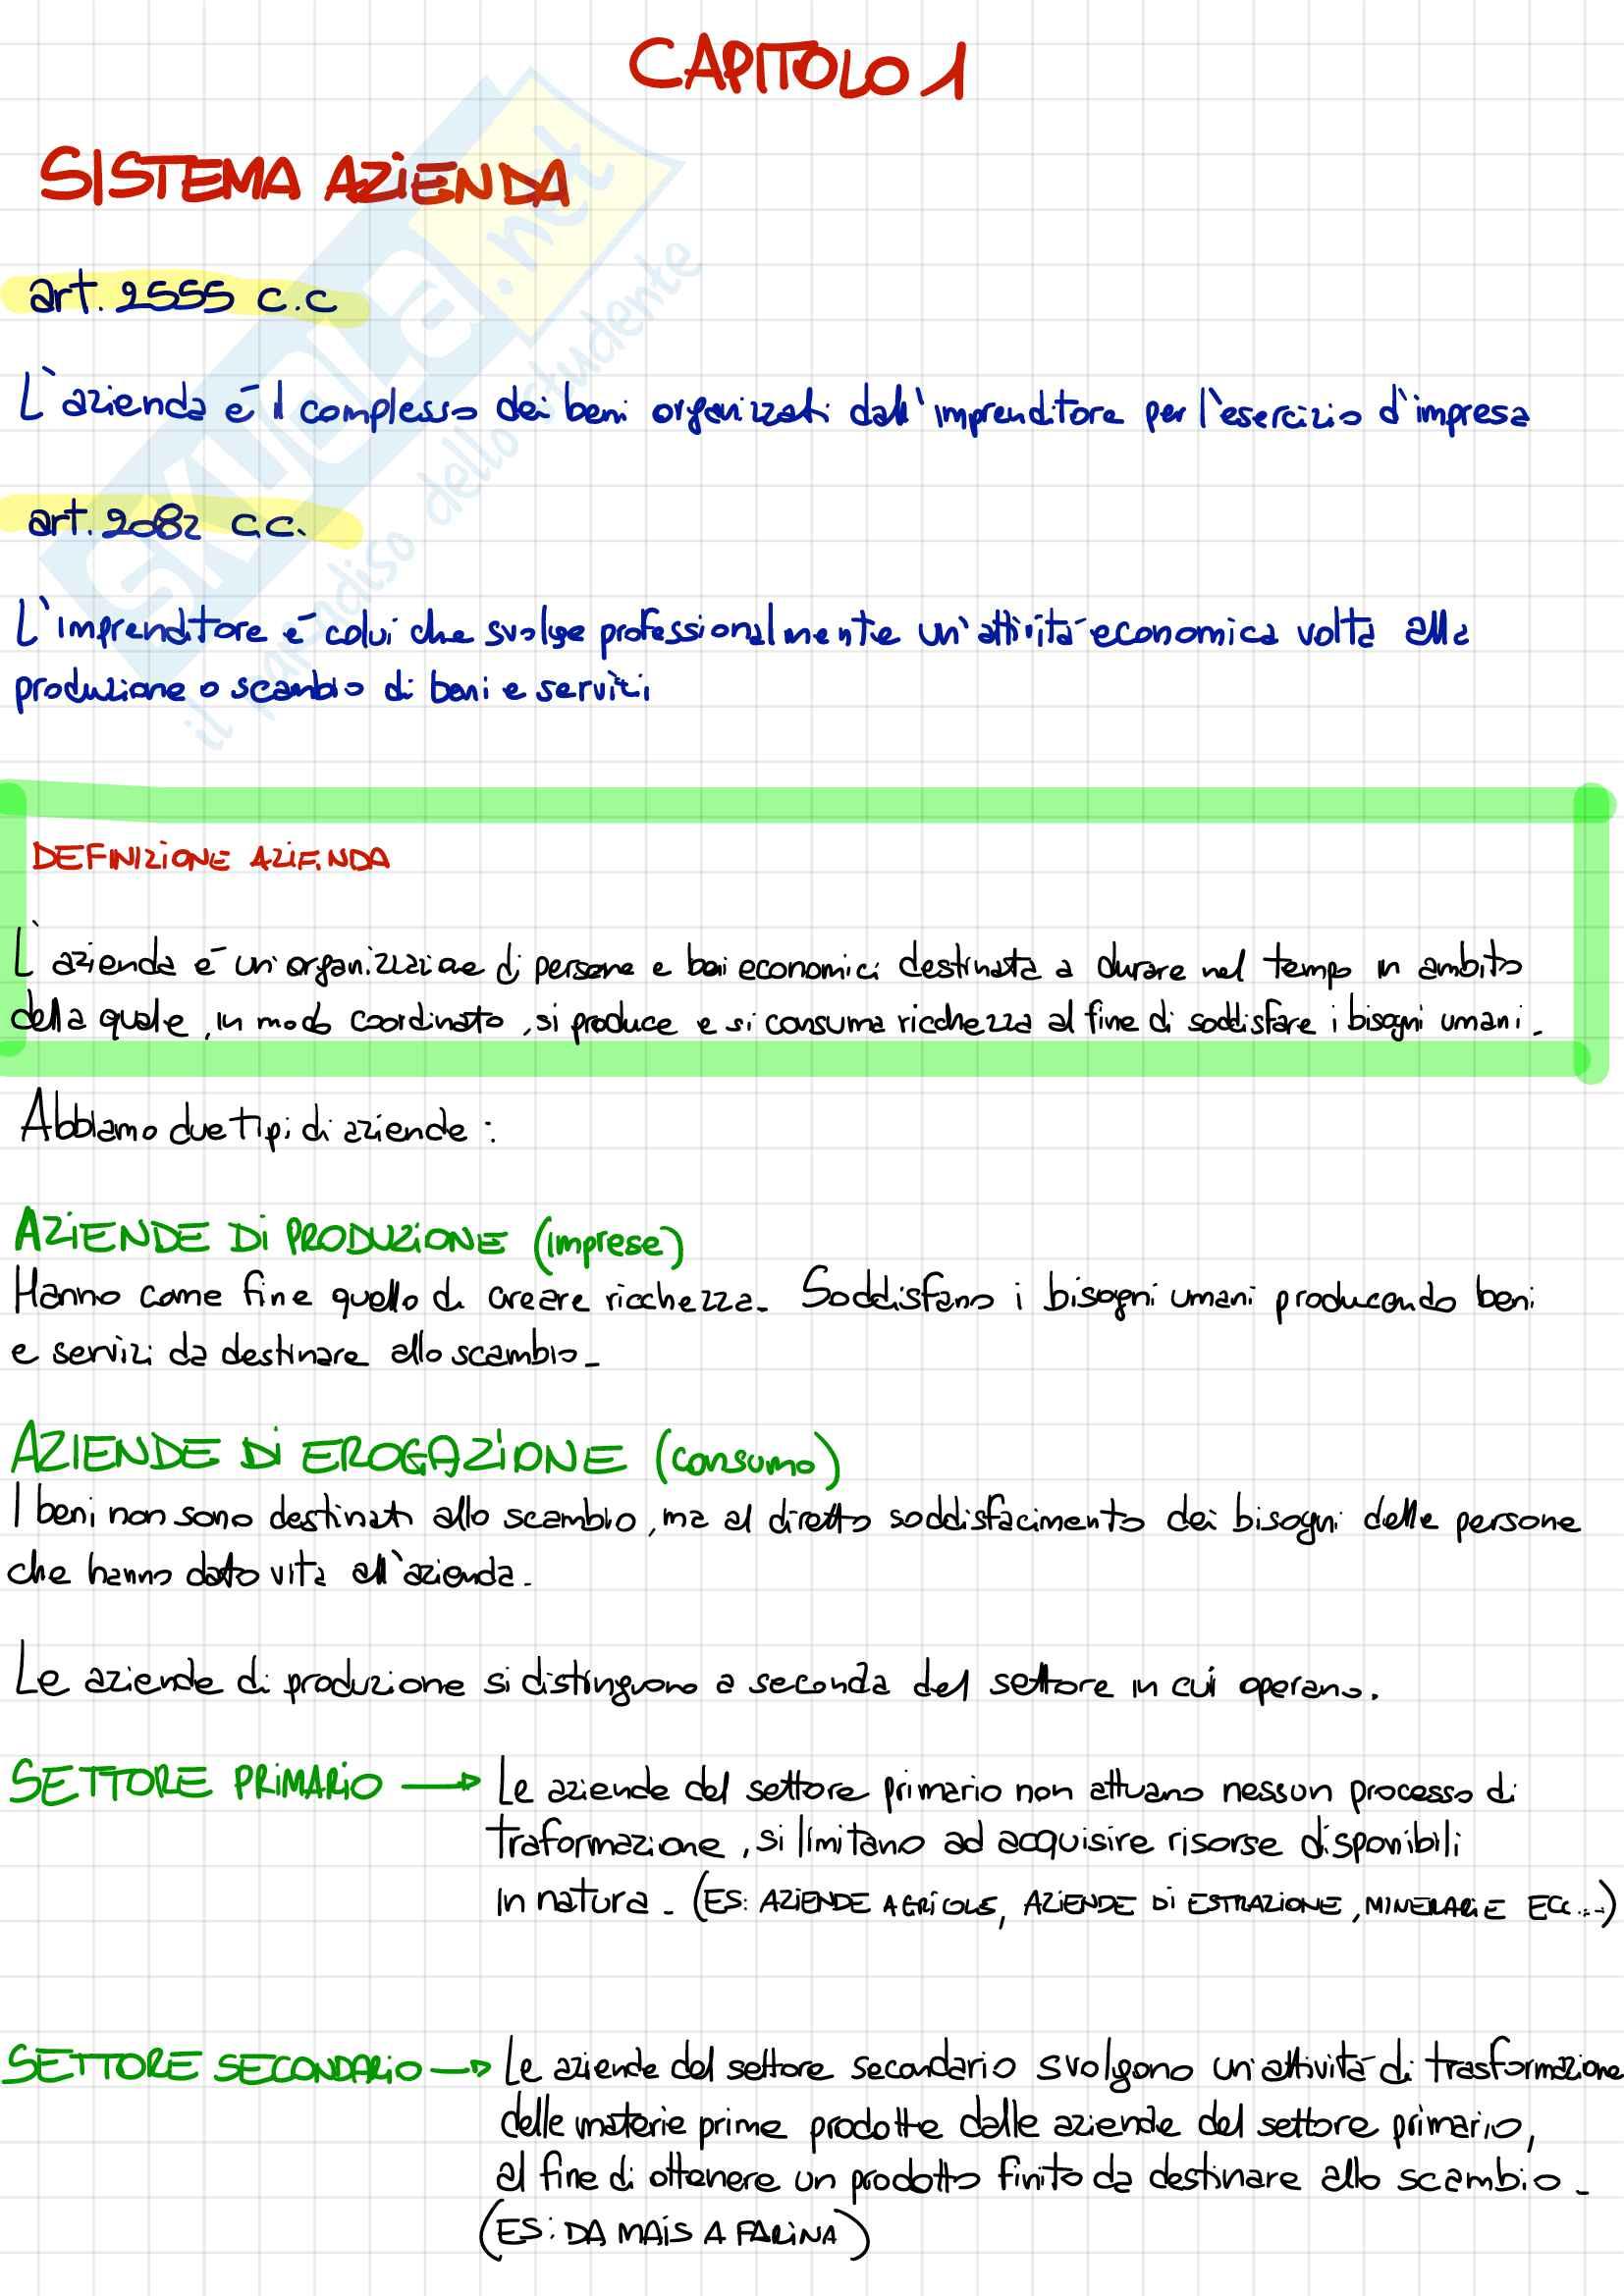 Economia aziendale - Appunti dettagliati per l'esame